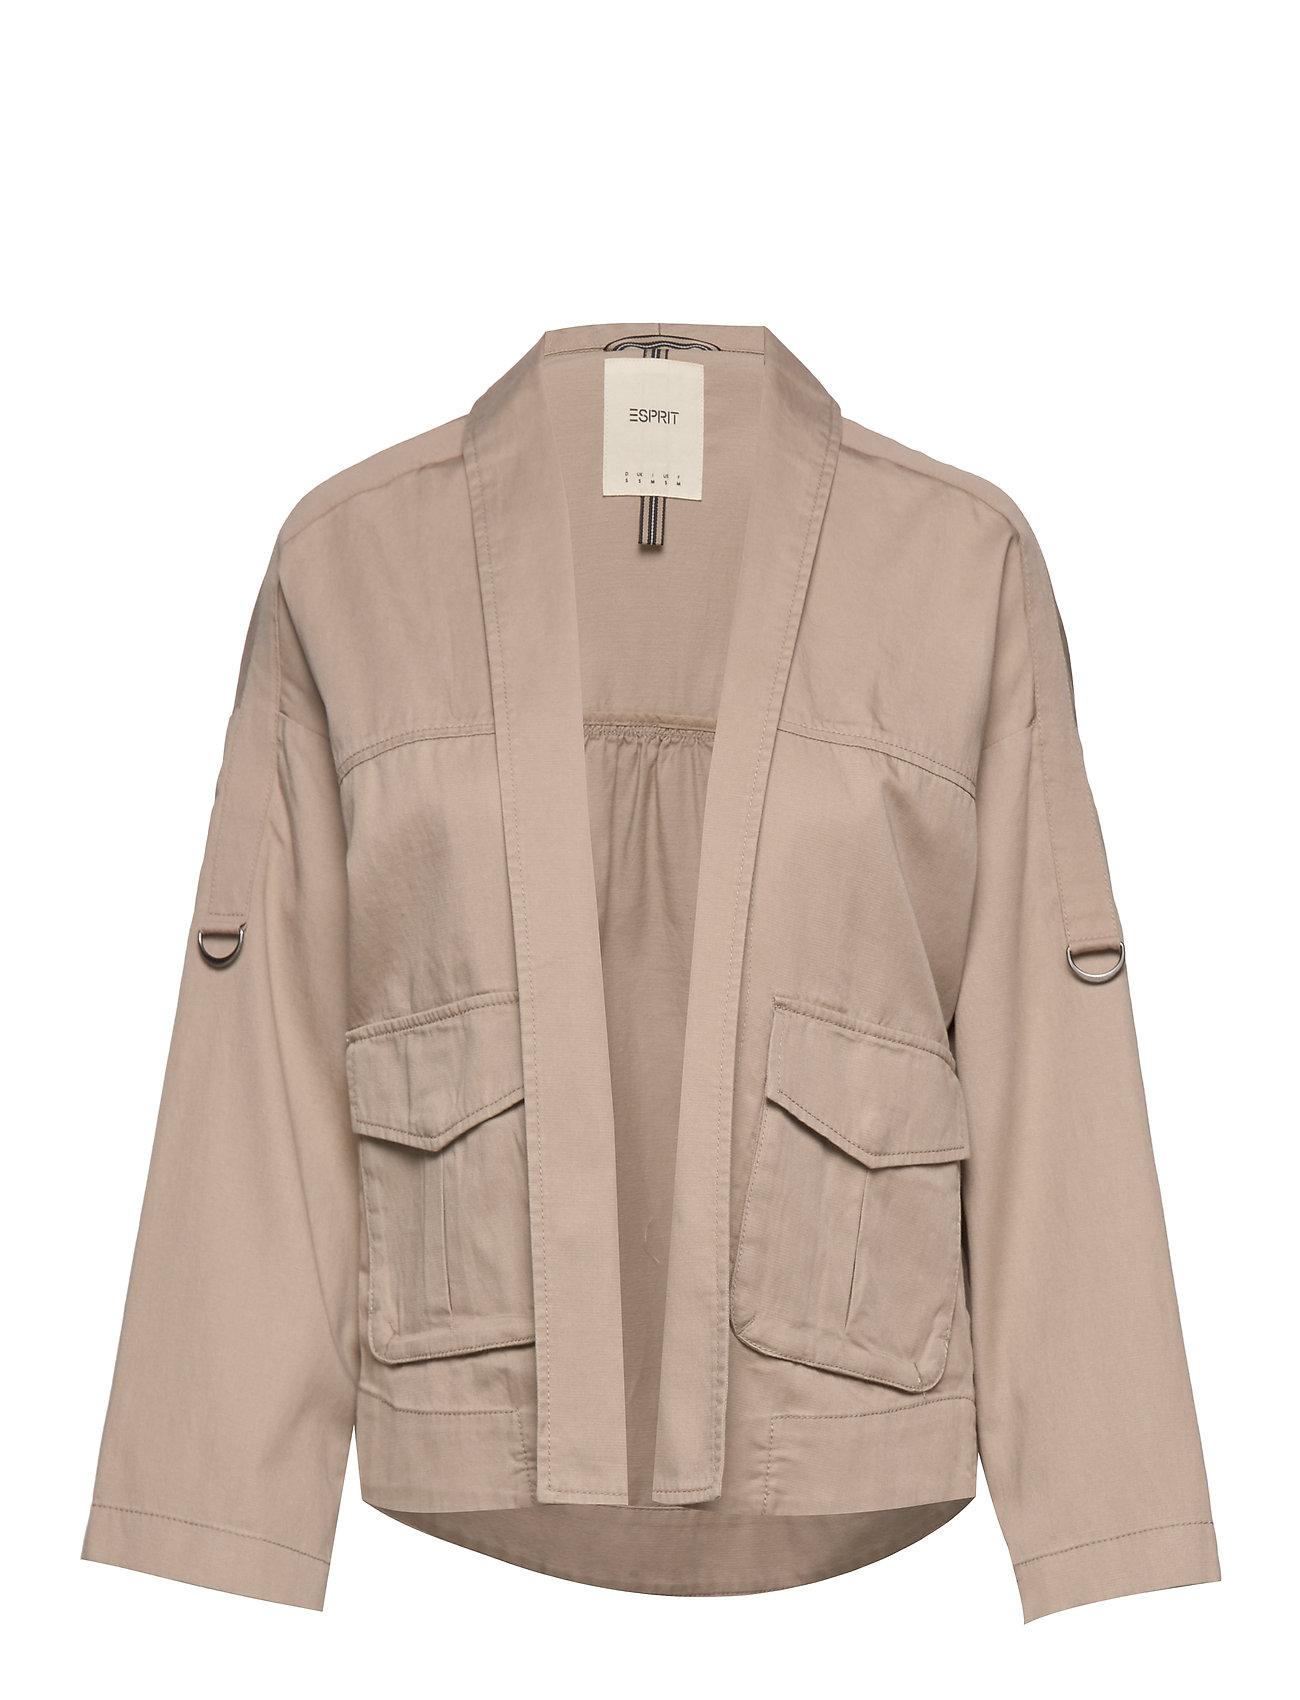 Esprit Casual Jackets indoor woven - BEIGE